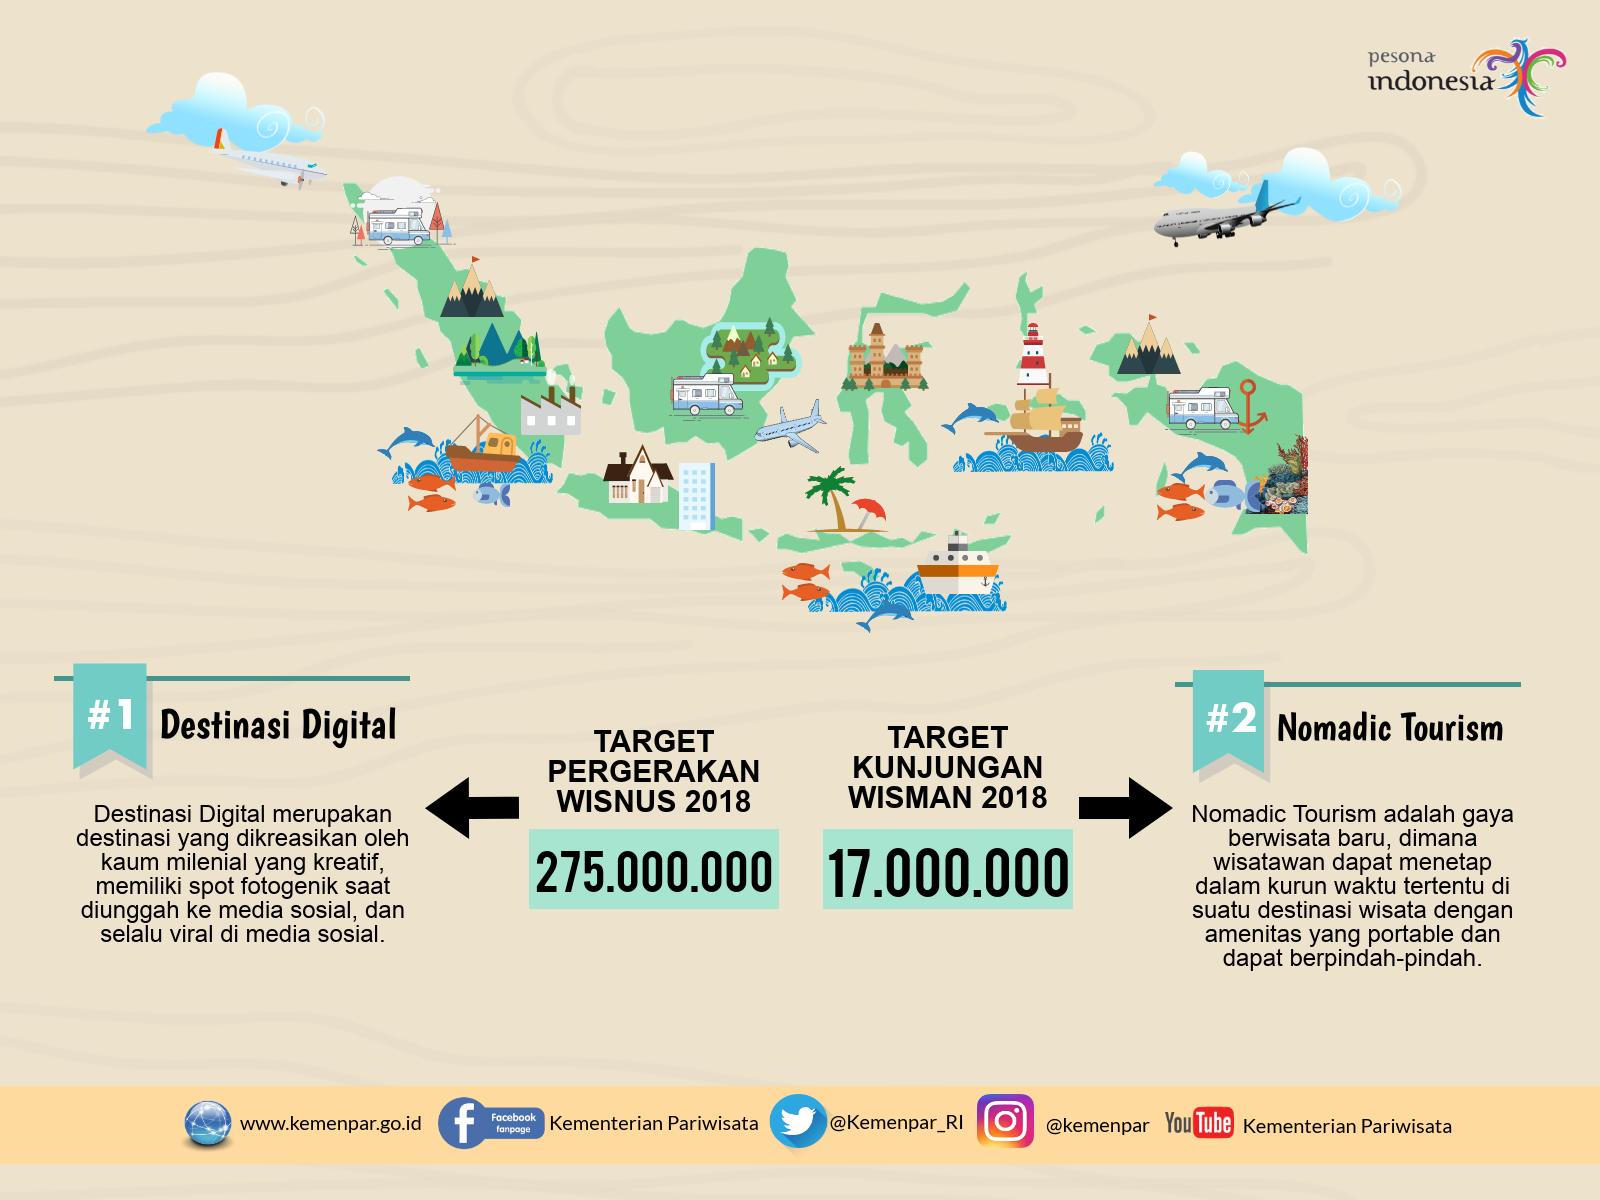 Tawarkan 100 Destinasi Digital Dan Nomadic Tourism Strategi Baru Produk Ukm Bumn Kue Sagu Ikan Haruan Jakarta 4 April 2018 Kementerian Pariwisata Kembali Mengeluarkan Dengan Menawarkan Guna